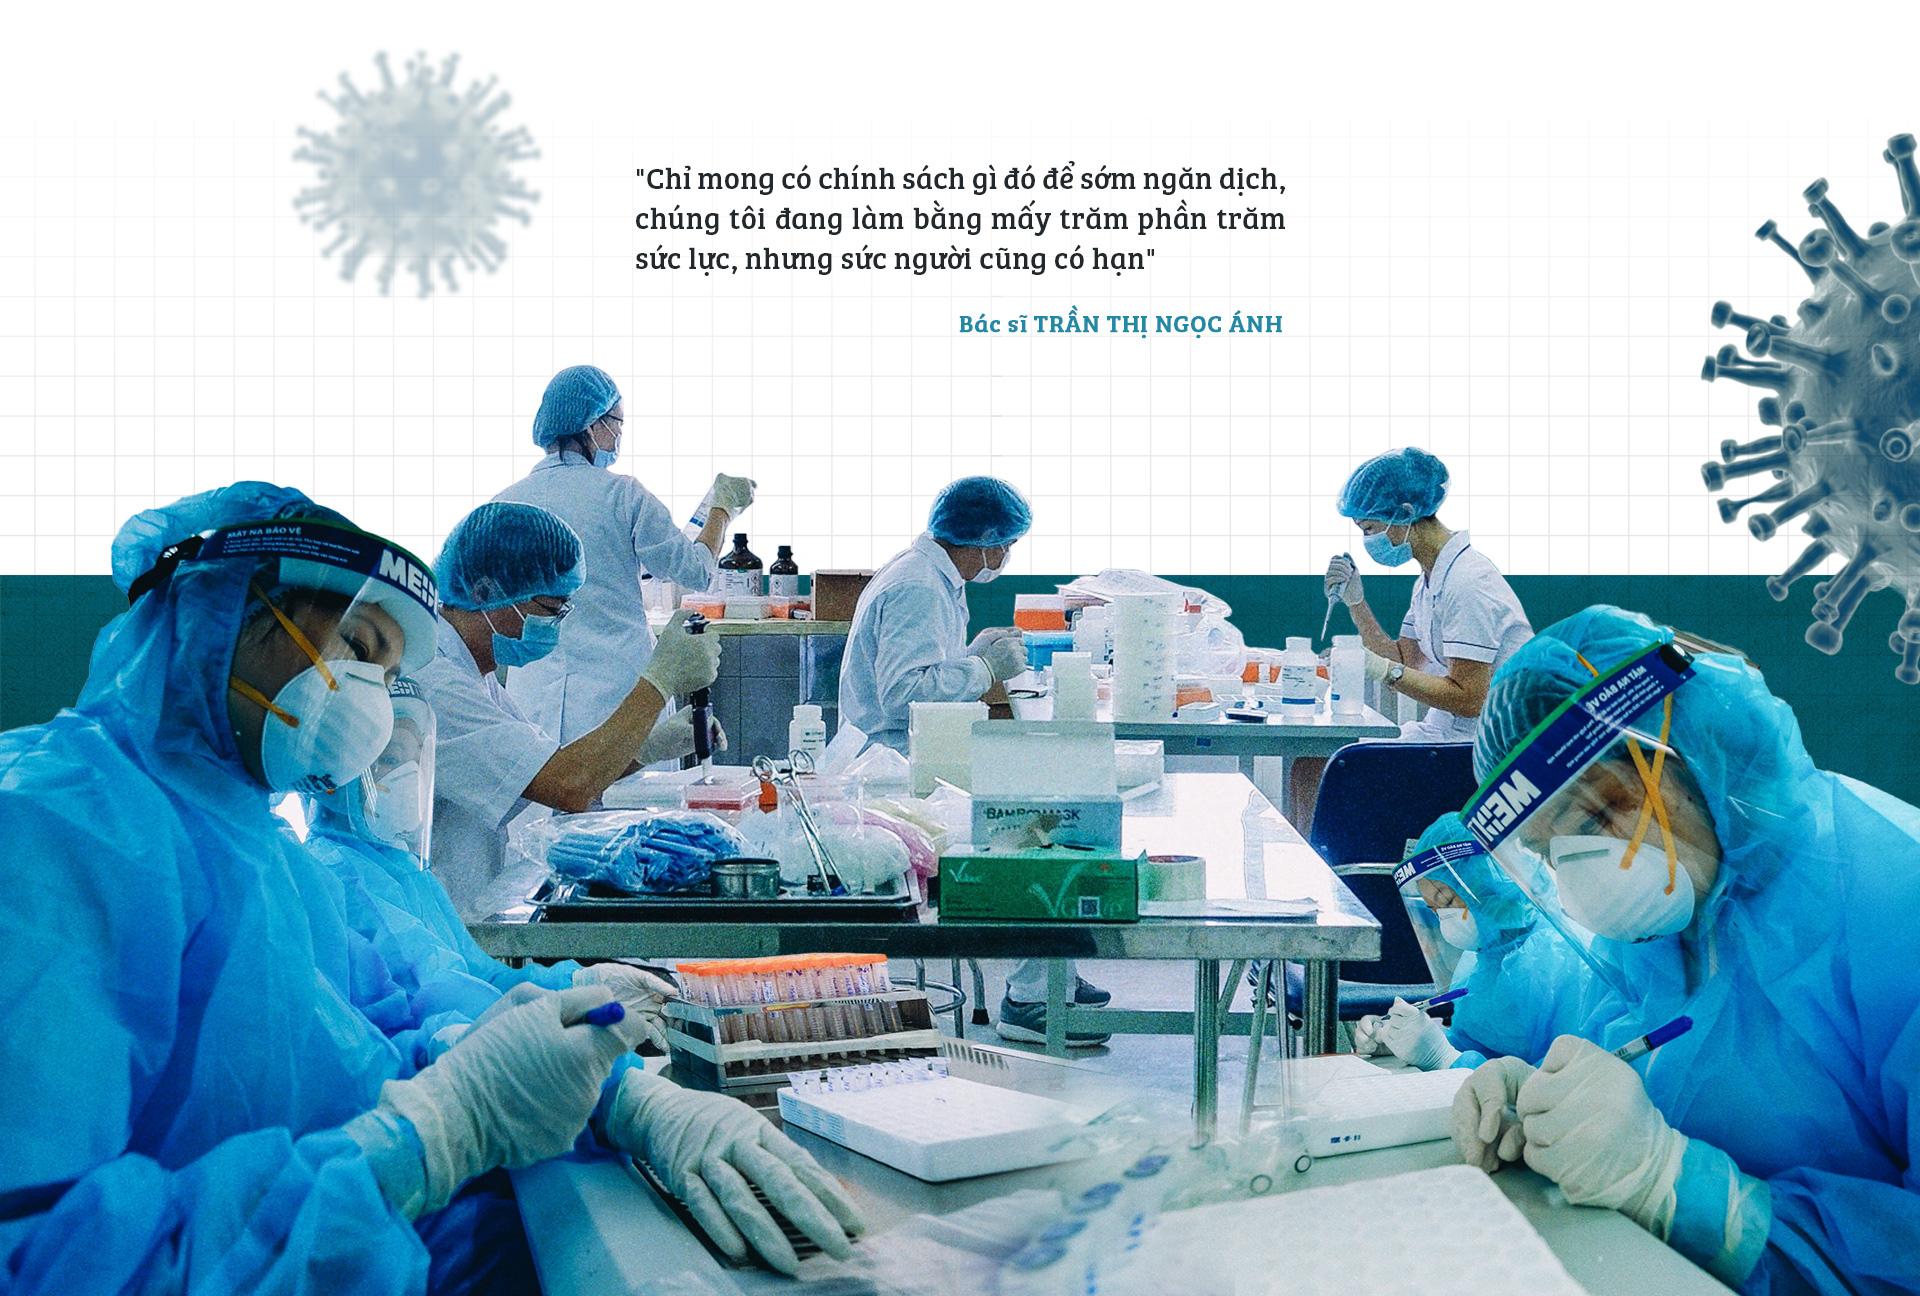 CDC Hà Nội: Nơi nóng mấy cũng chịu, không bật quạt vì sợ virus 'bay tứ tung' - Ảnh 17.